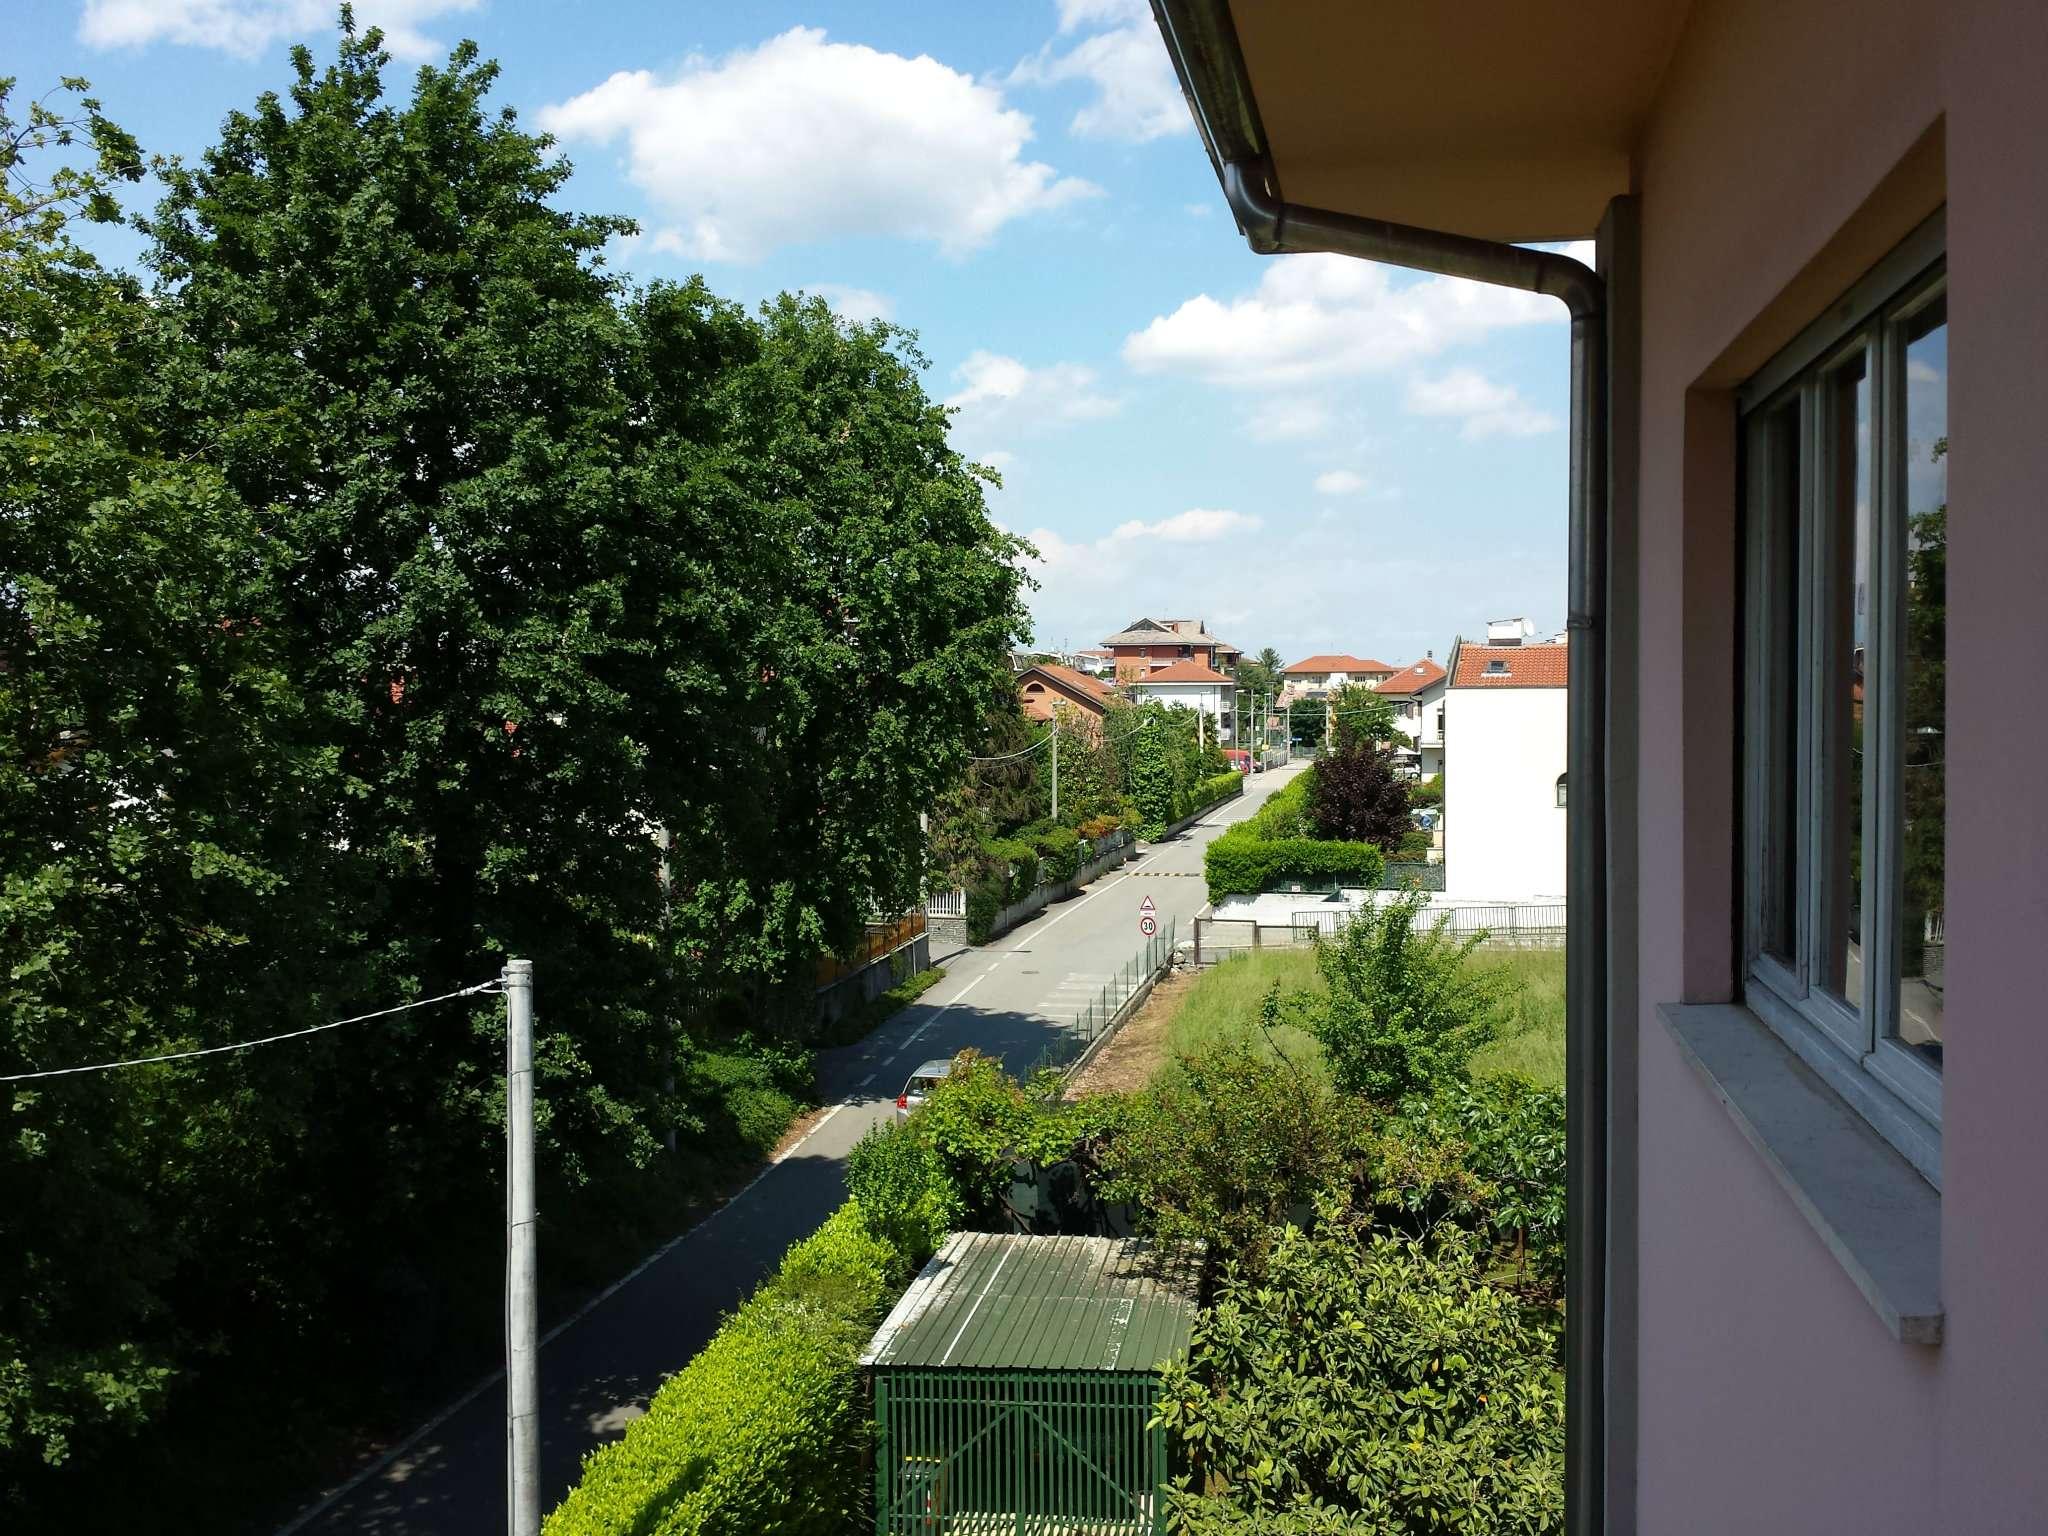 Appartamento in vendita a Robassomero, 4 locali, prezzo € 95.000 | CambioCasa.it